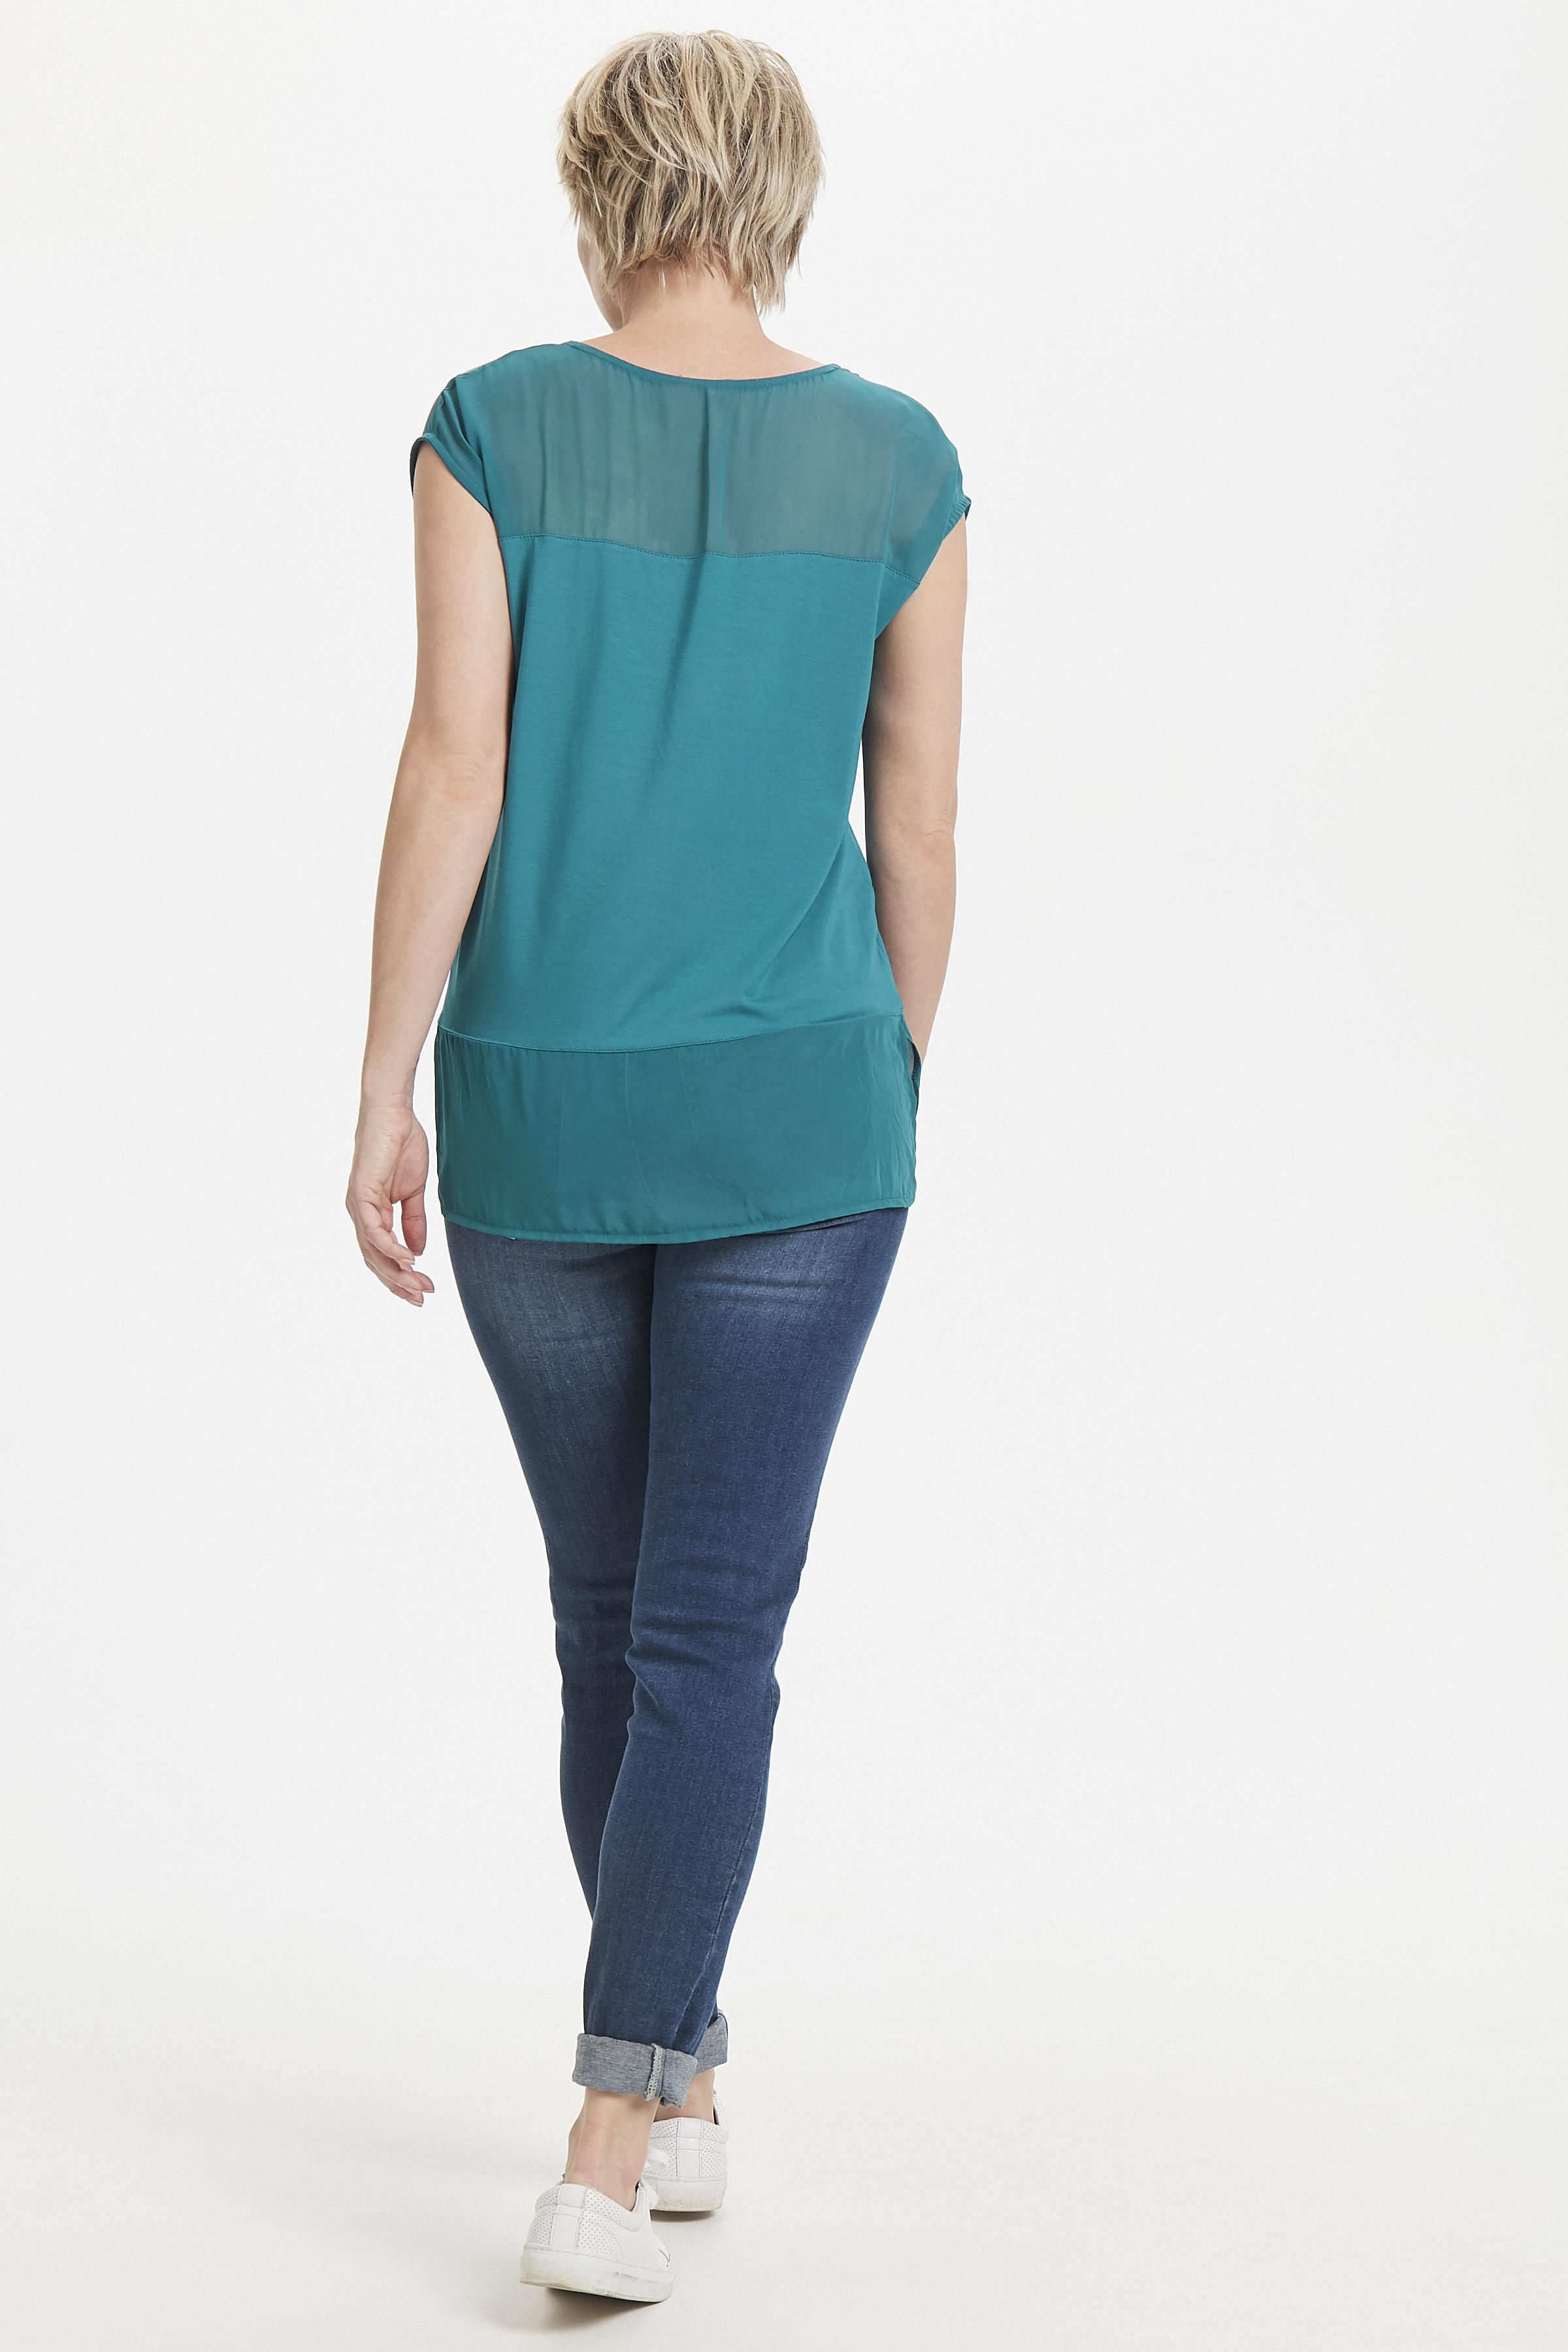 Petroleumblå Kortärmad T-shirt från Bon'A Parte – Köp Petroleumblå Kortärmad T-shirt från stl. S-2XL här